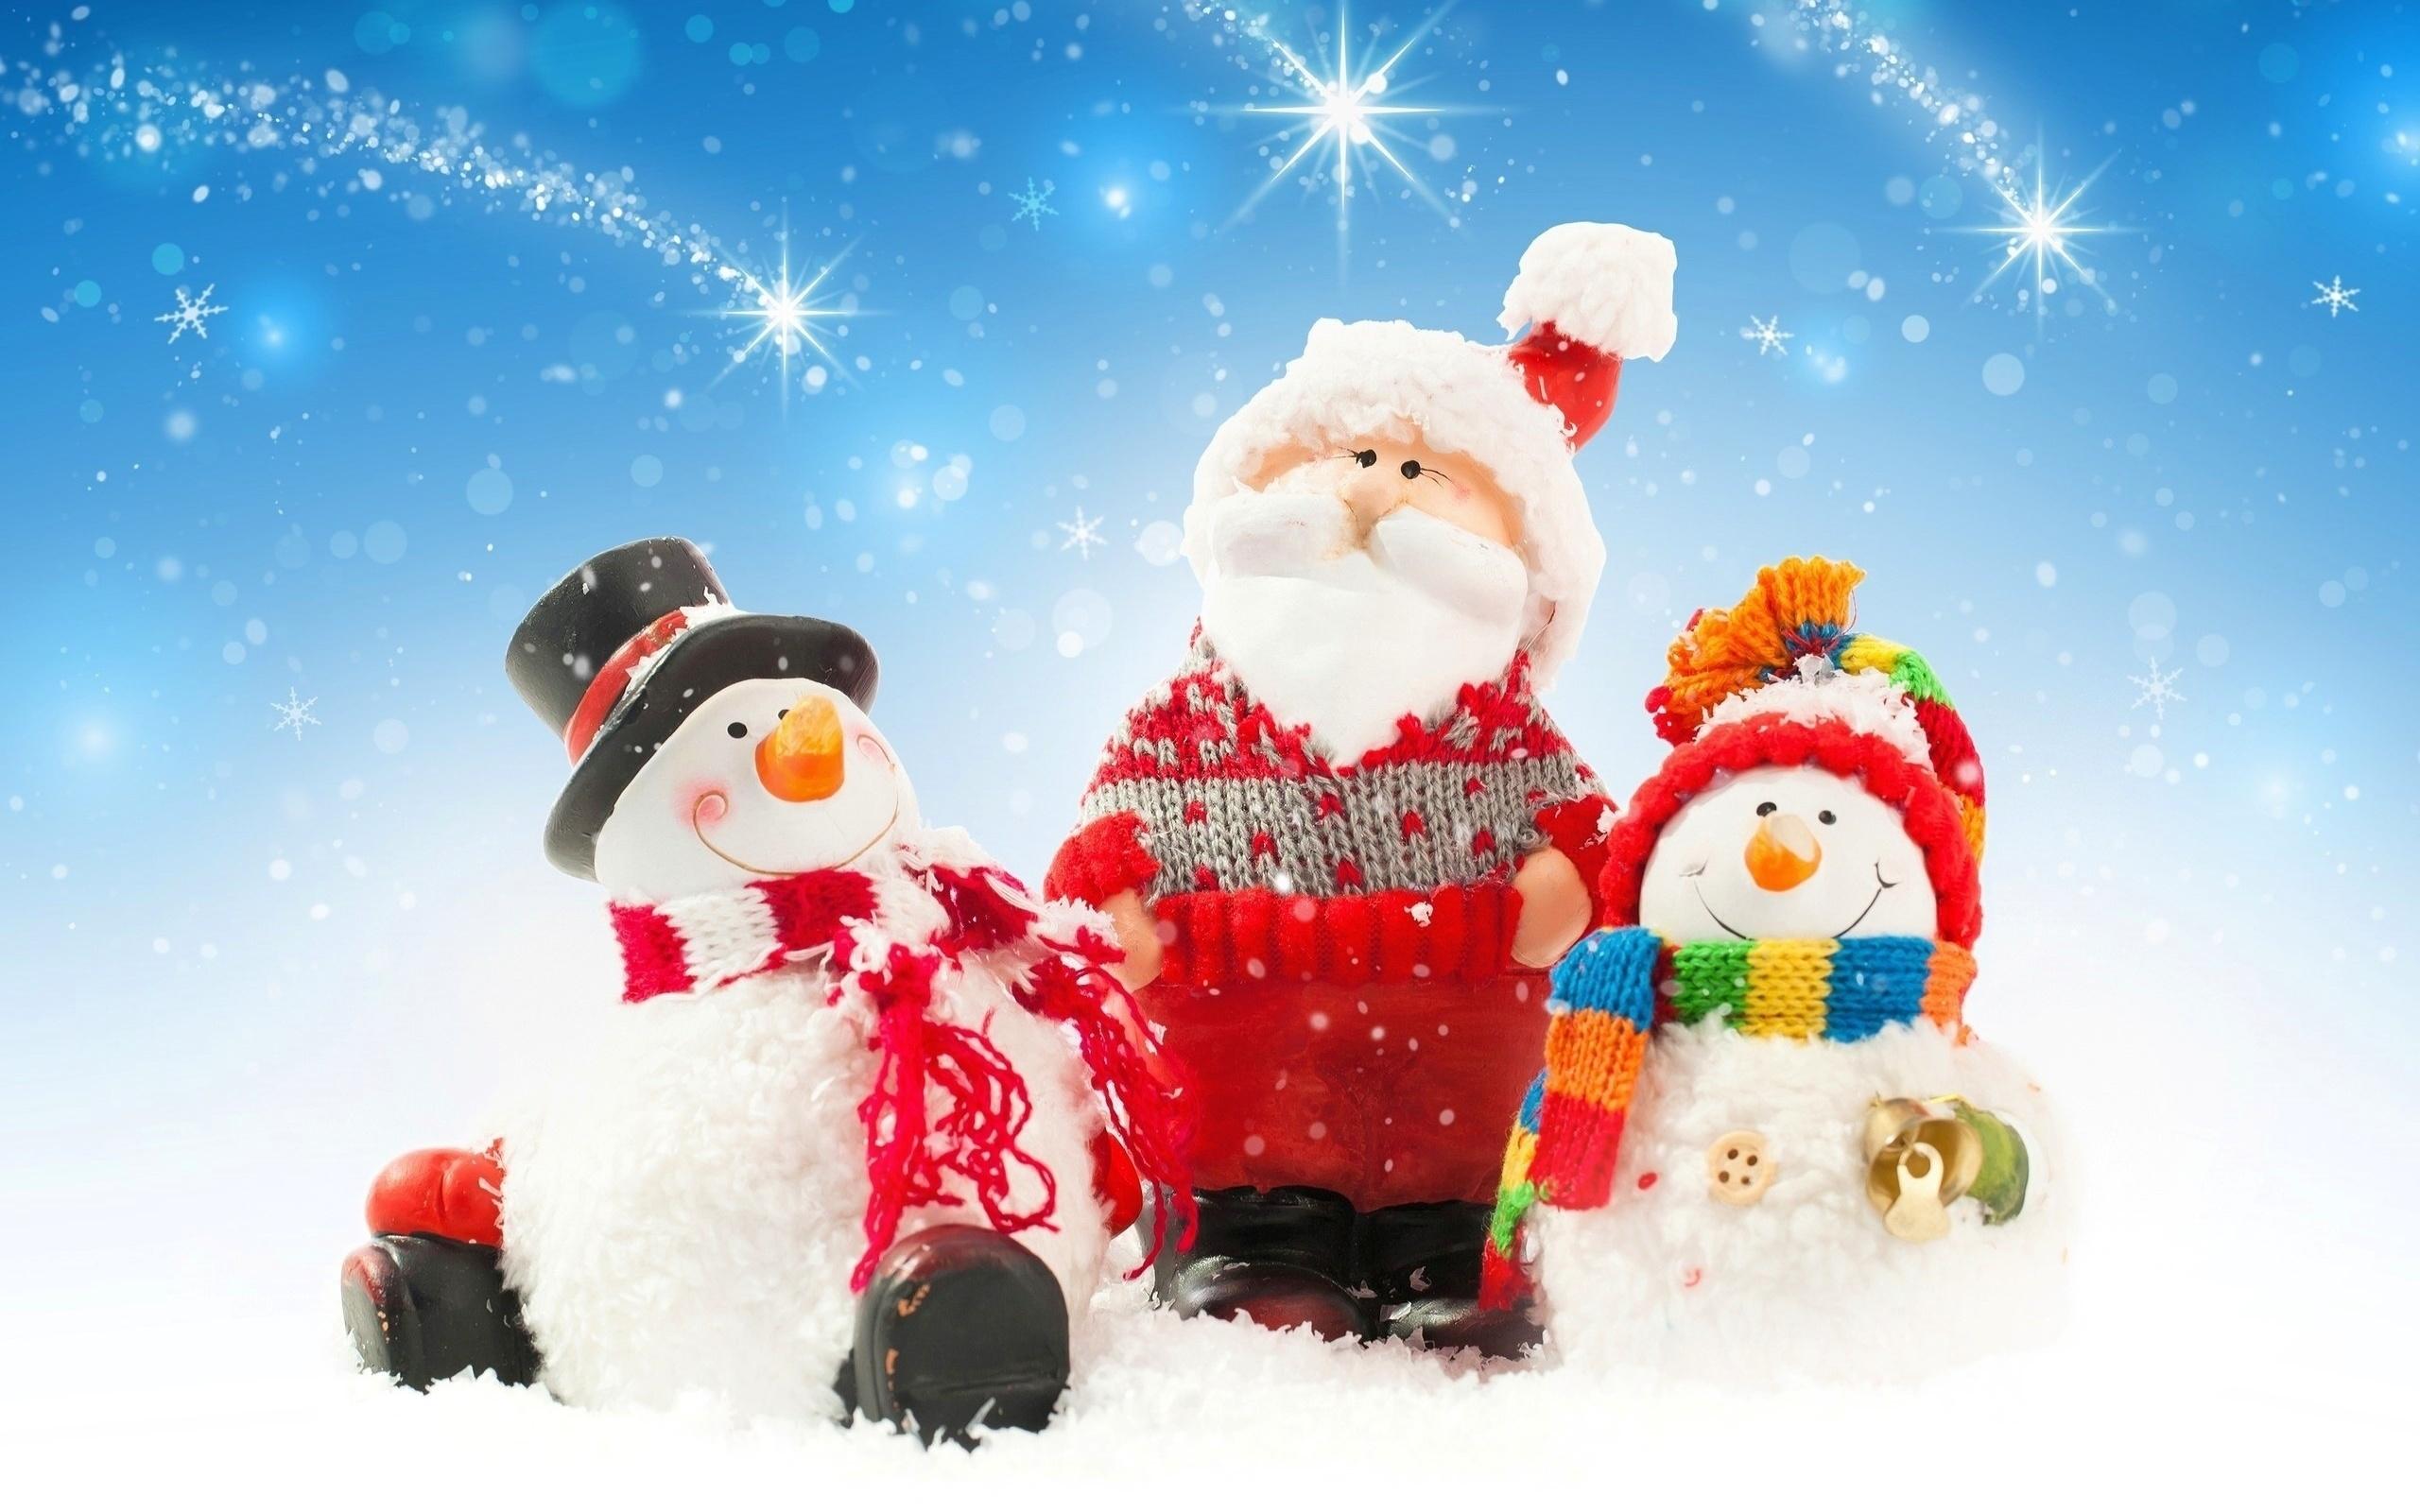 Фнаф, картинки на новый год с снеговиком